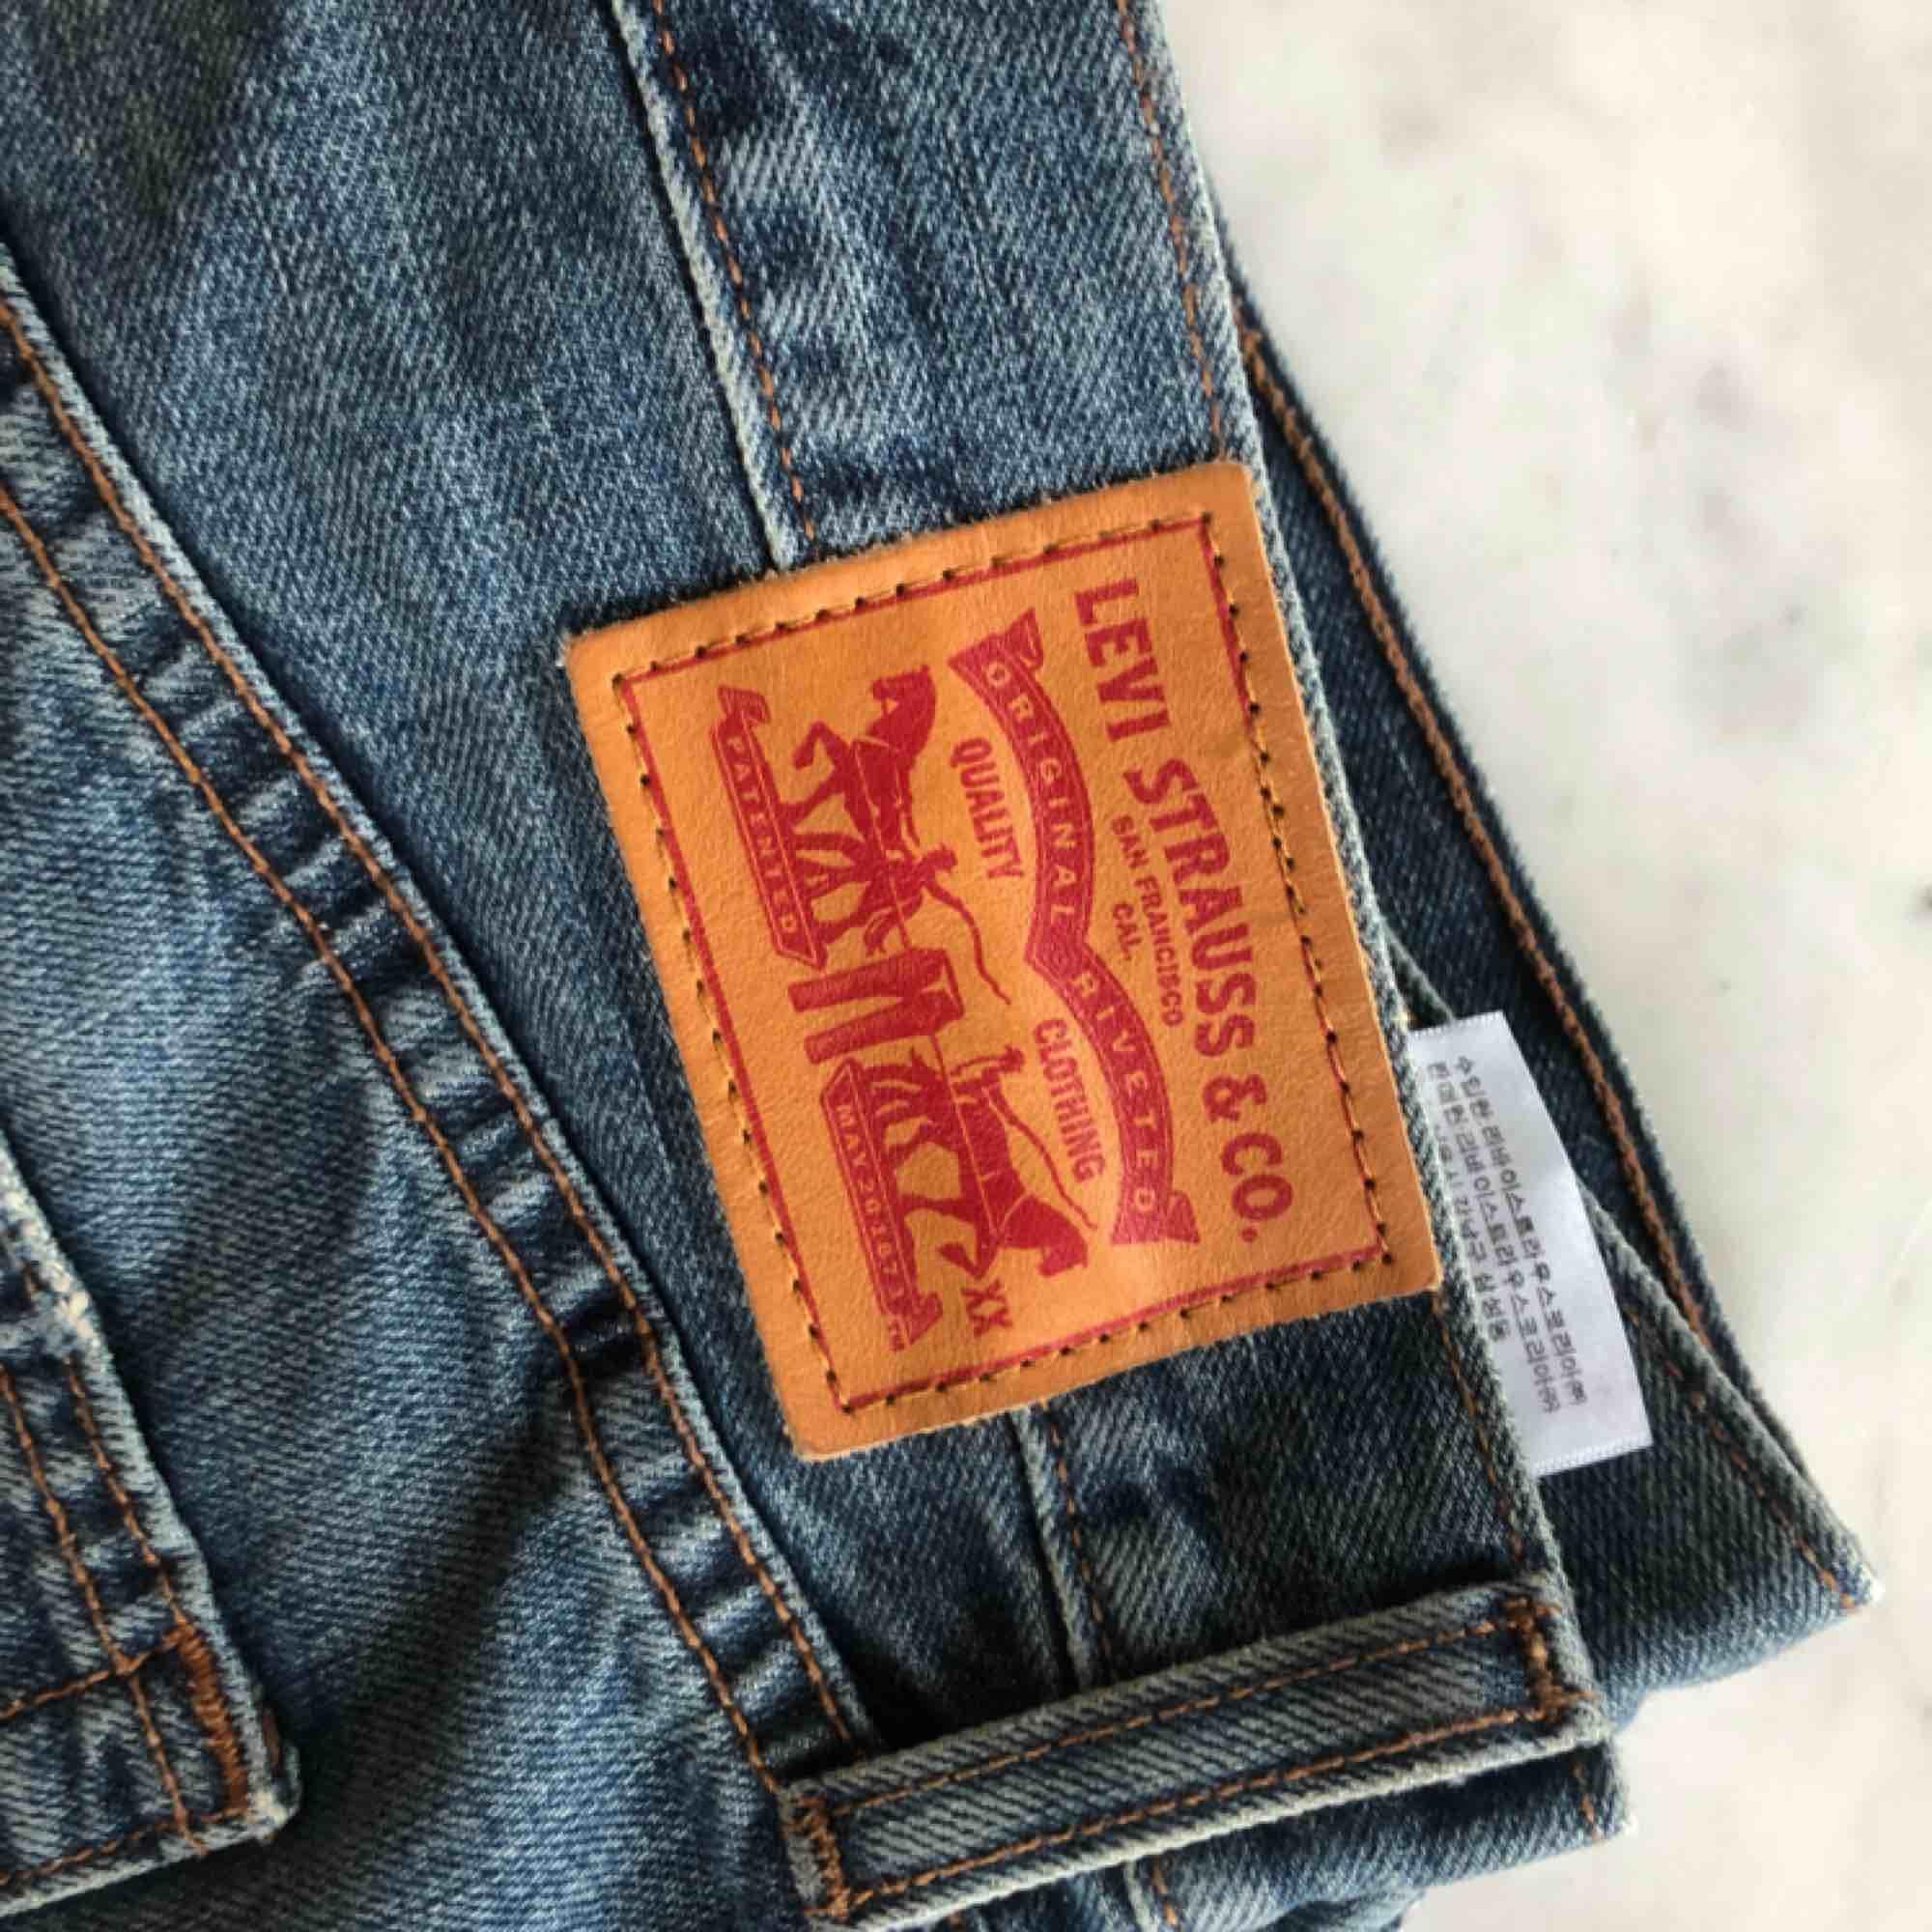 Levi's vintage denim shorts  Frakt eller upphämtning i Stockholm / Shipped or picked up in Stockholm. Shorts.